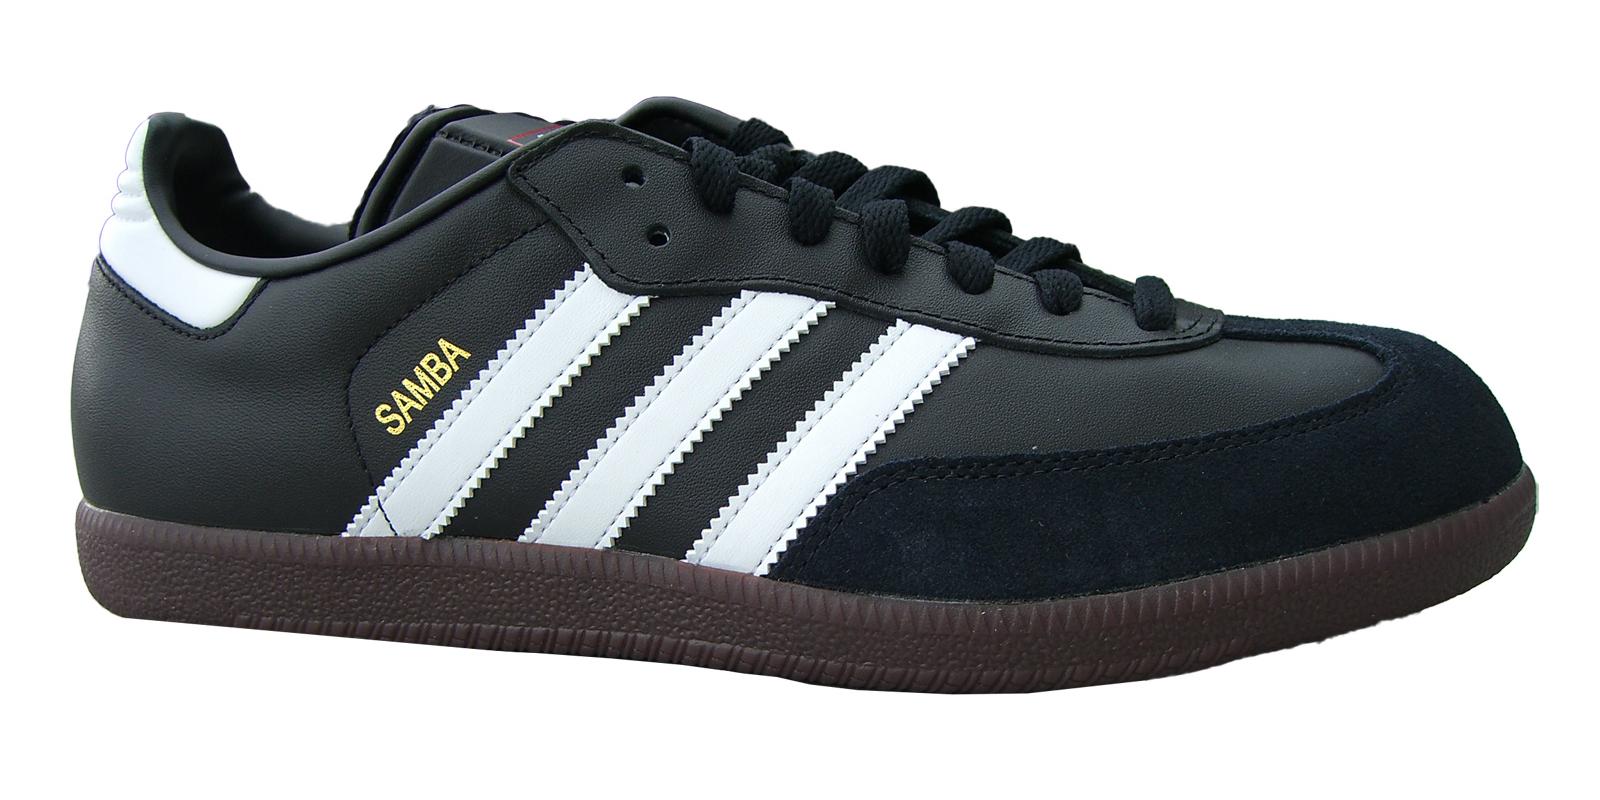 Details zu Adidas Samba Schuhe Classic Herren Sneaker Hallenschuhe Fußball Schwarz